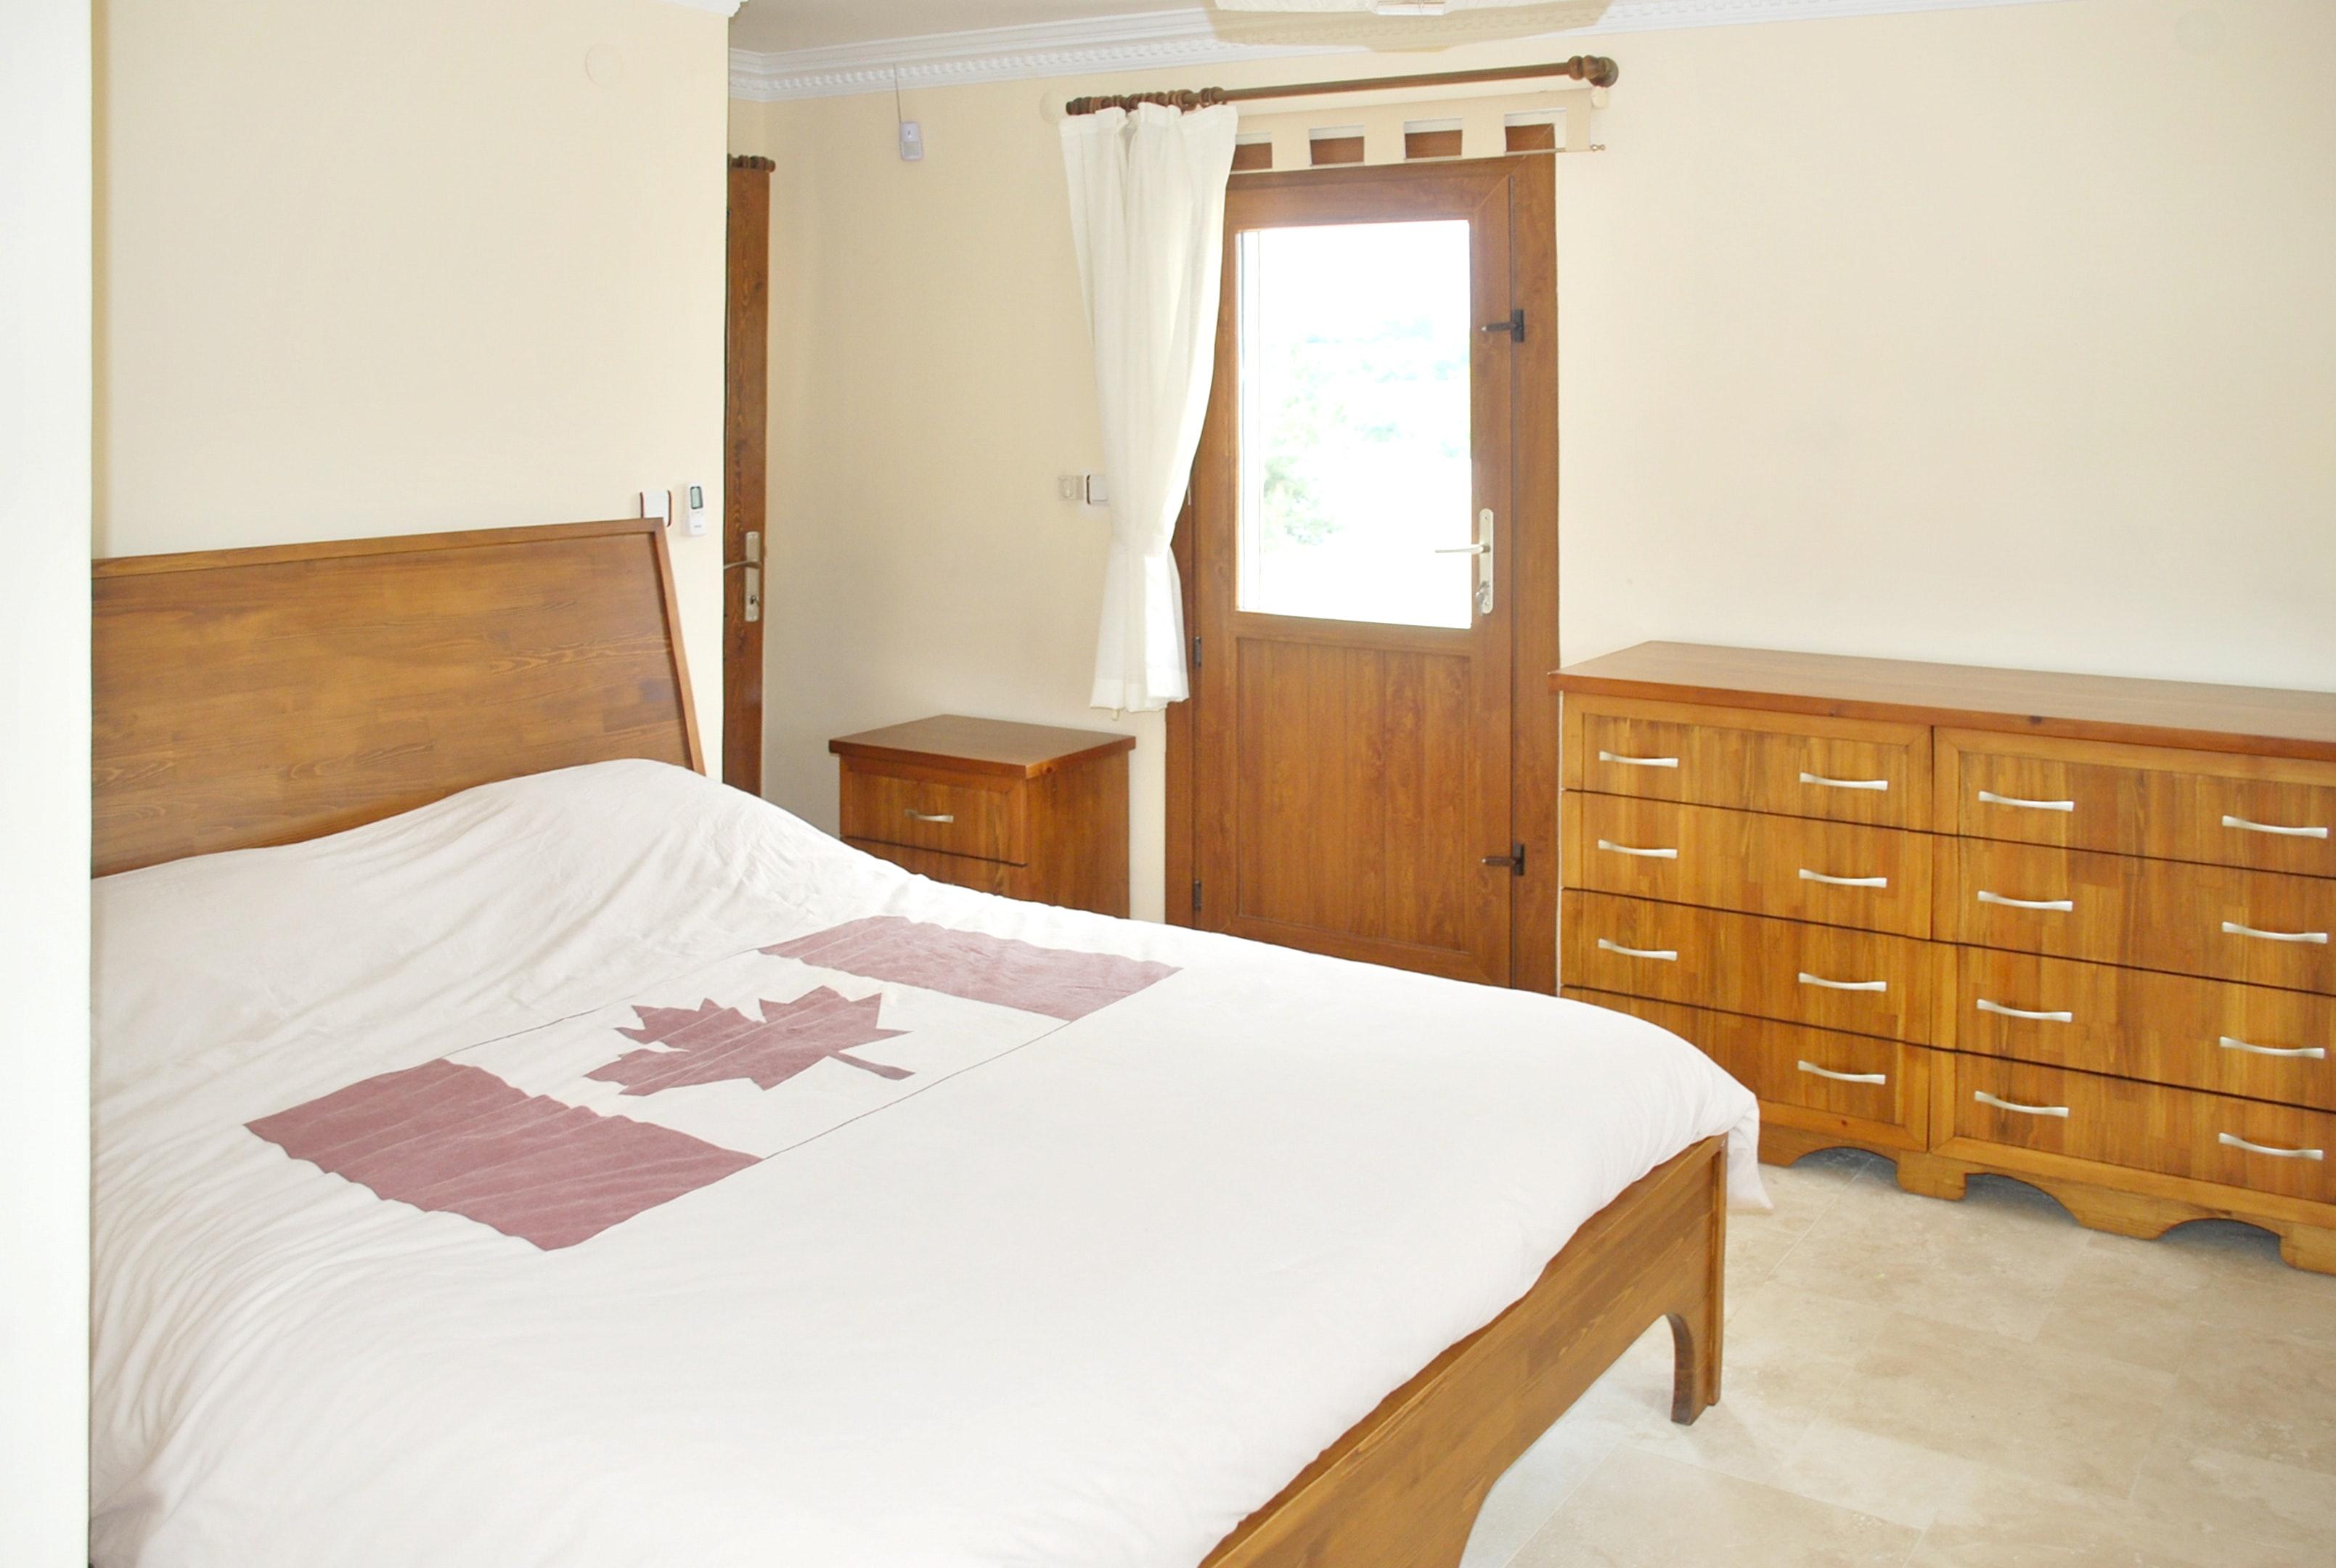 Maison de vacances Haus mit 4 Schlafzimmern in Ku_adas1 mit privatem Pool und eingezäuntem Garten - 2 km vo (2236746), Kuşadası, , Région Egéenne, Turquie, image 11